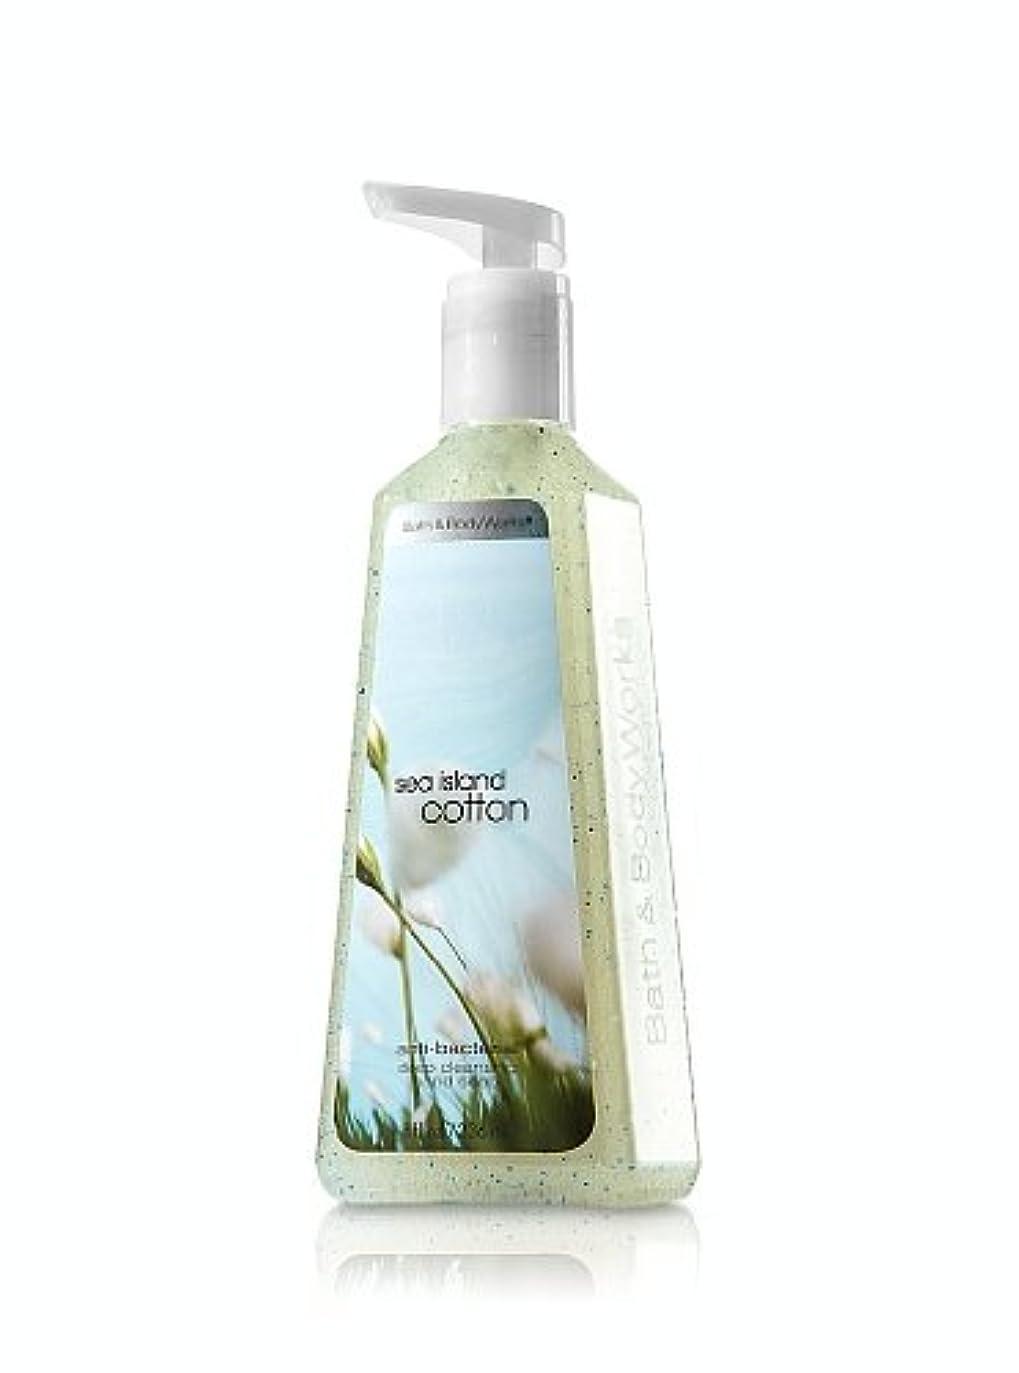 ミケランジェロ解任前置詞バス&ボディワークス シーアイランドコットン ディープクレンジングハンドソープ Sea Island Cotton Deep Cleansing Hand Soap [並行輸入品]